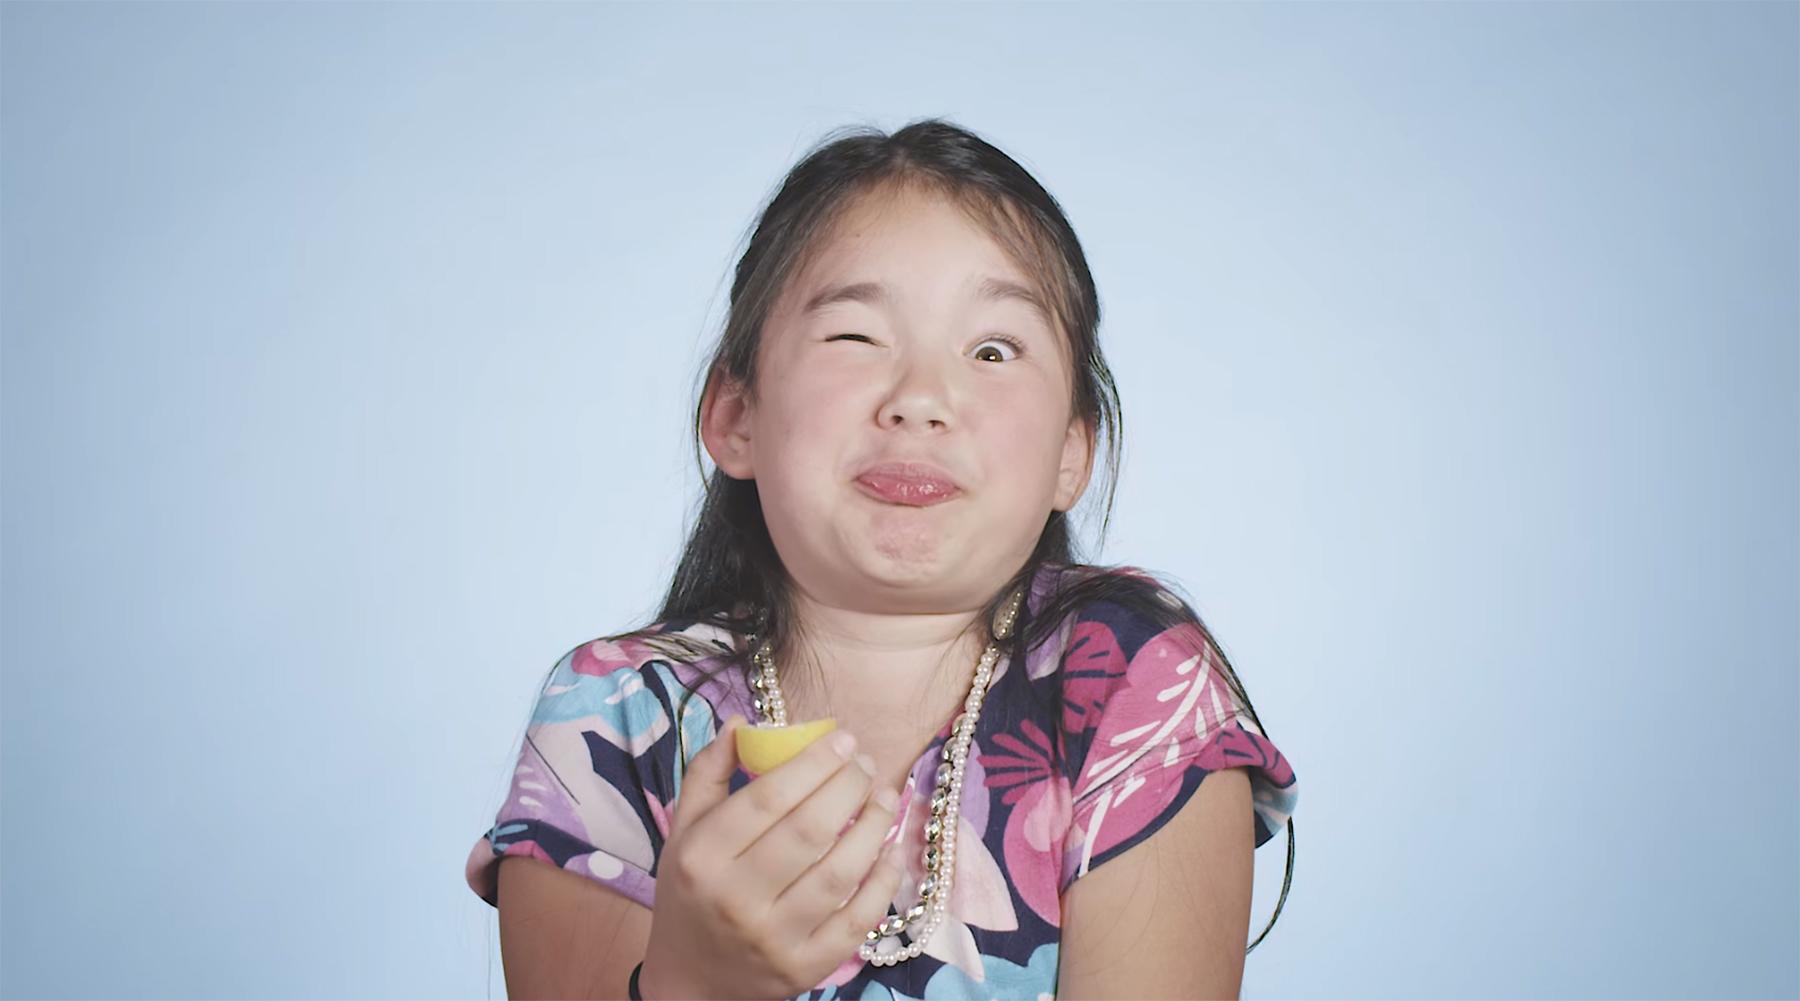 100 Kinder essen Zitronen